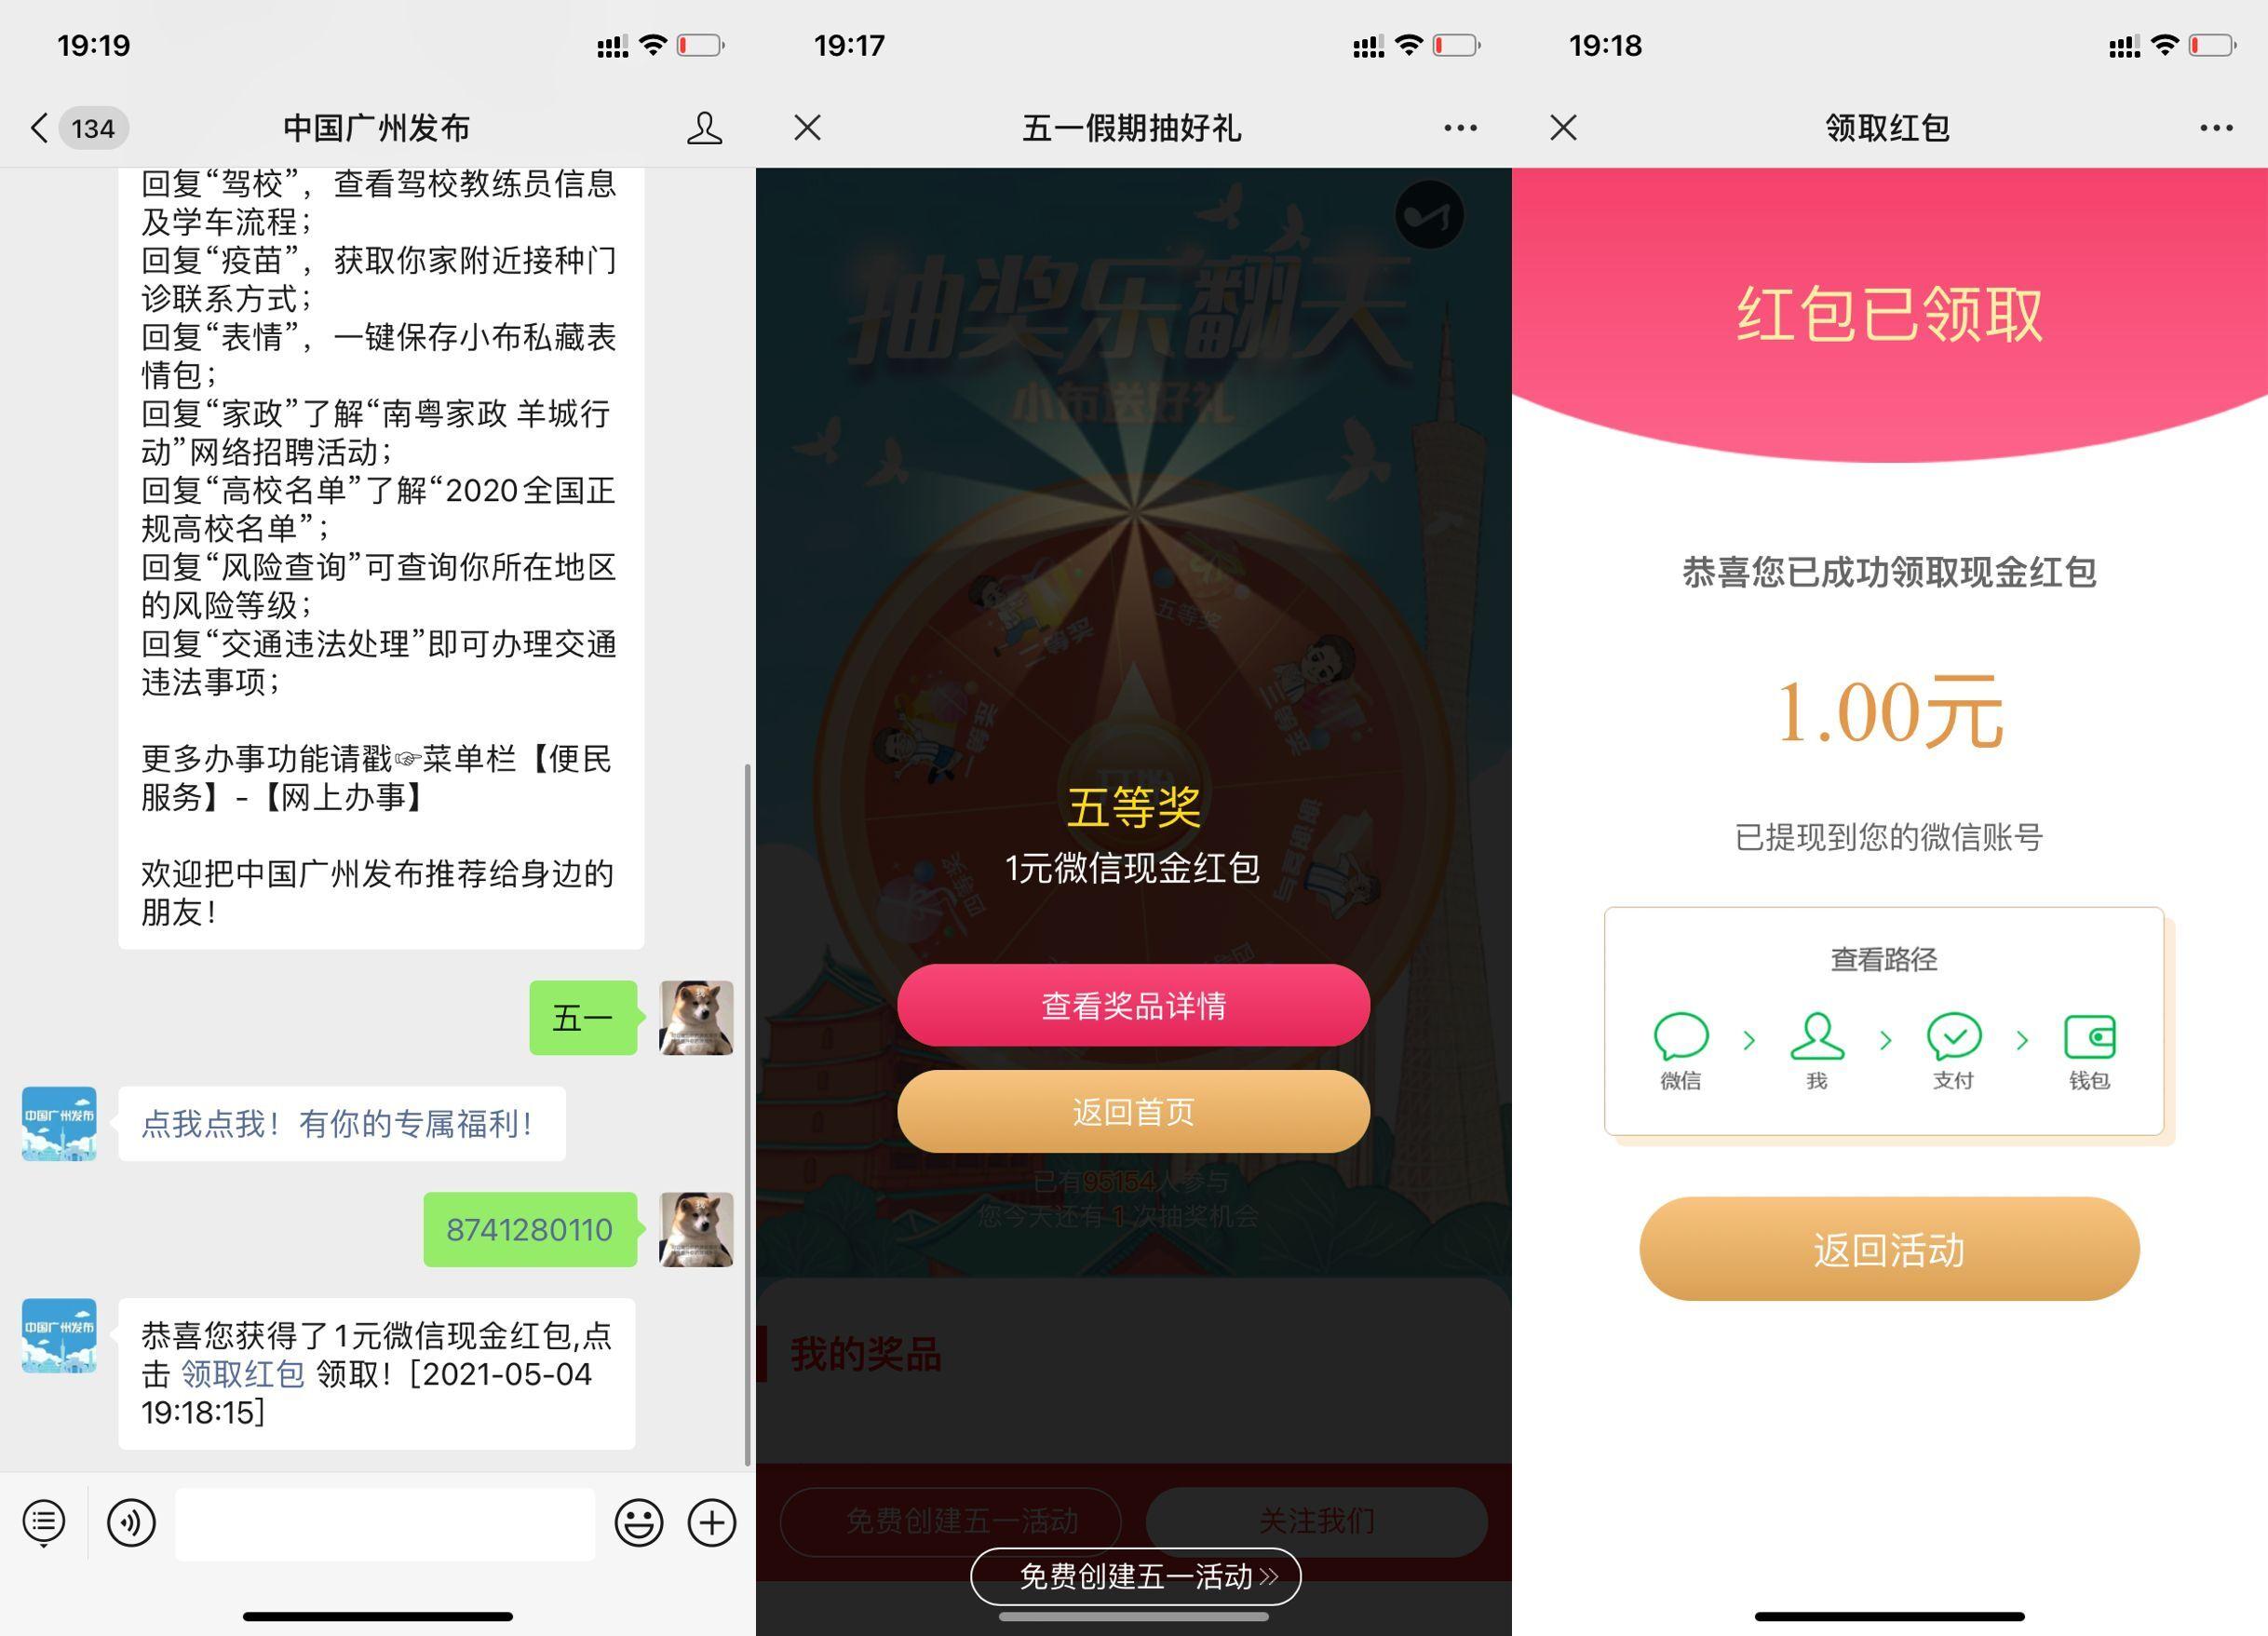 中国广州发布抽随机微信红包